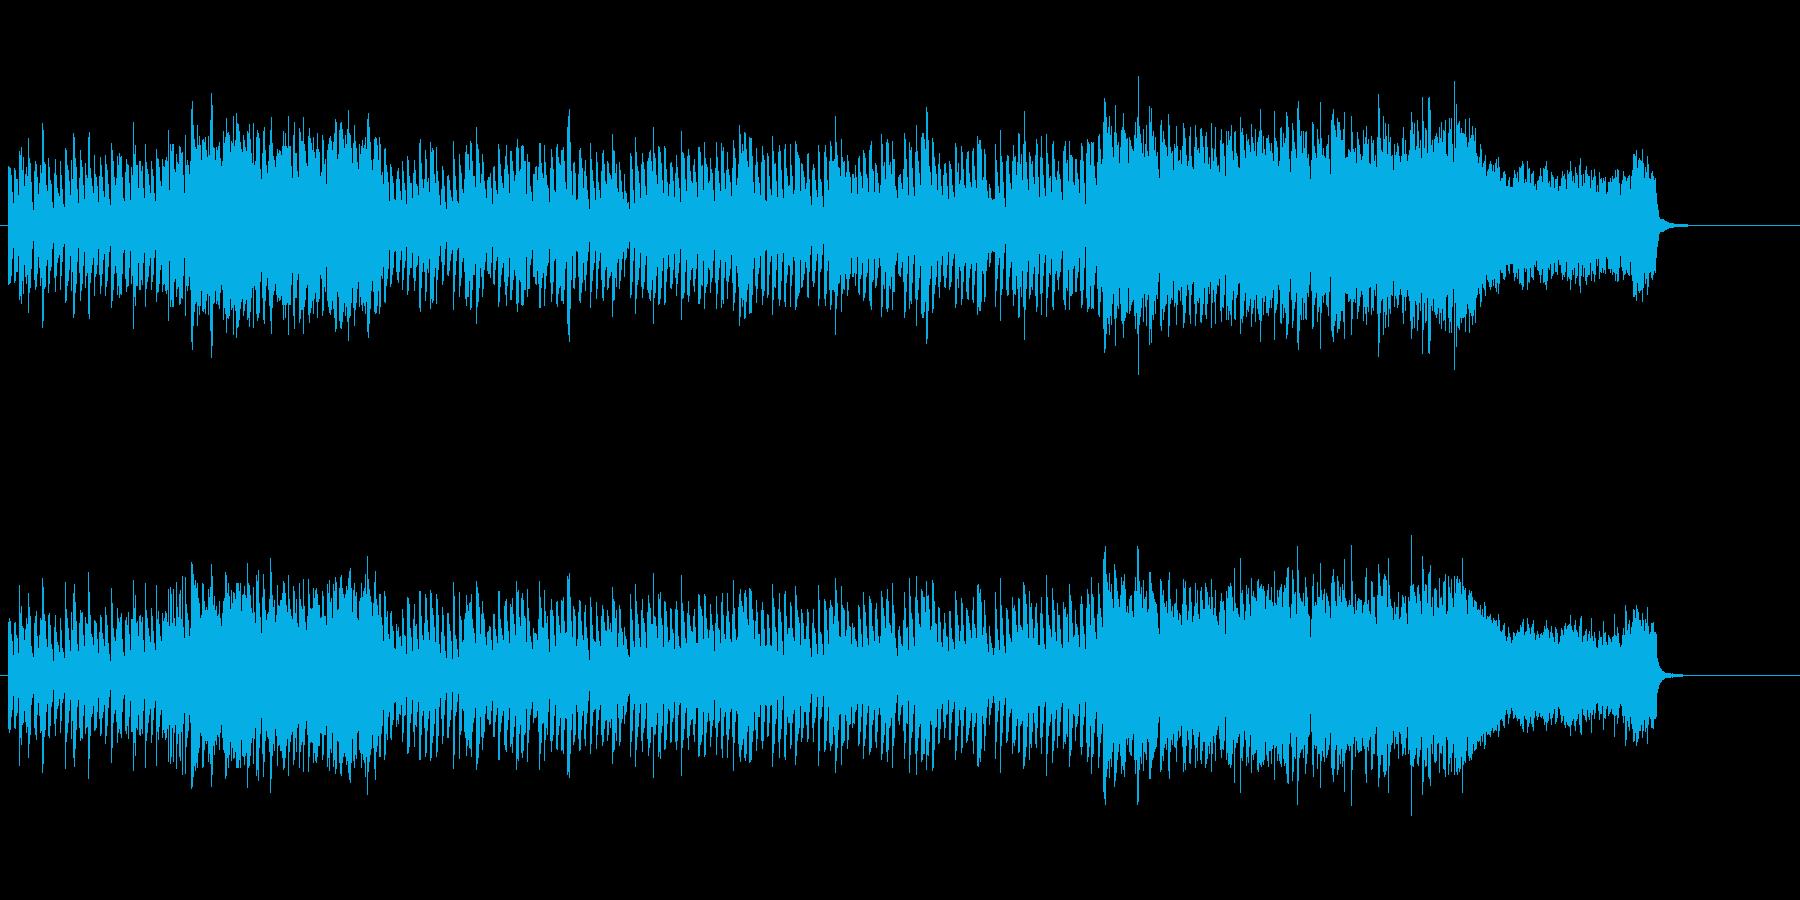 オリエンタルで怪しげなエレクトロ・ポップの再生済みの波形